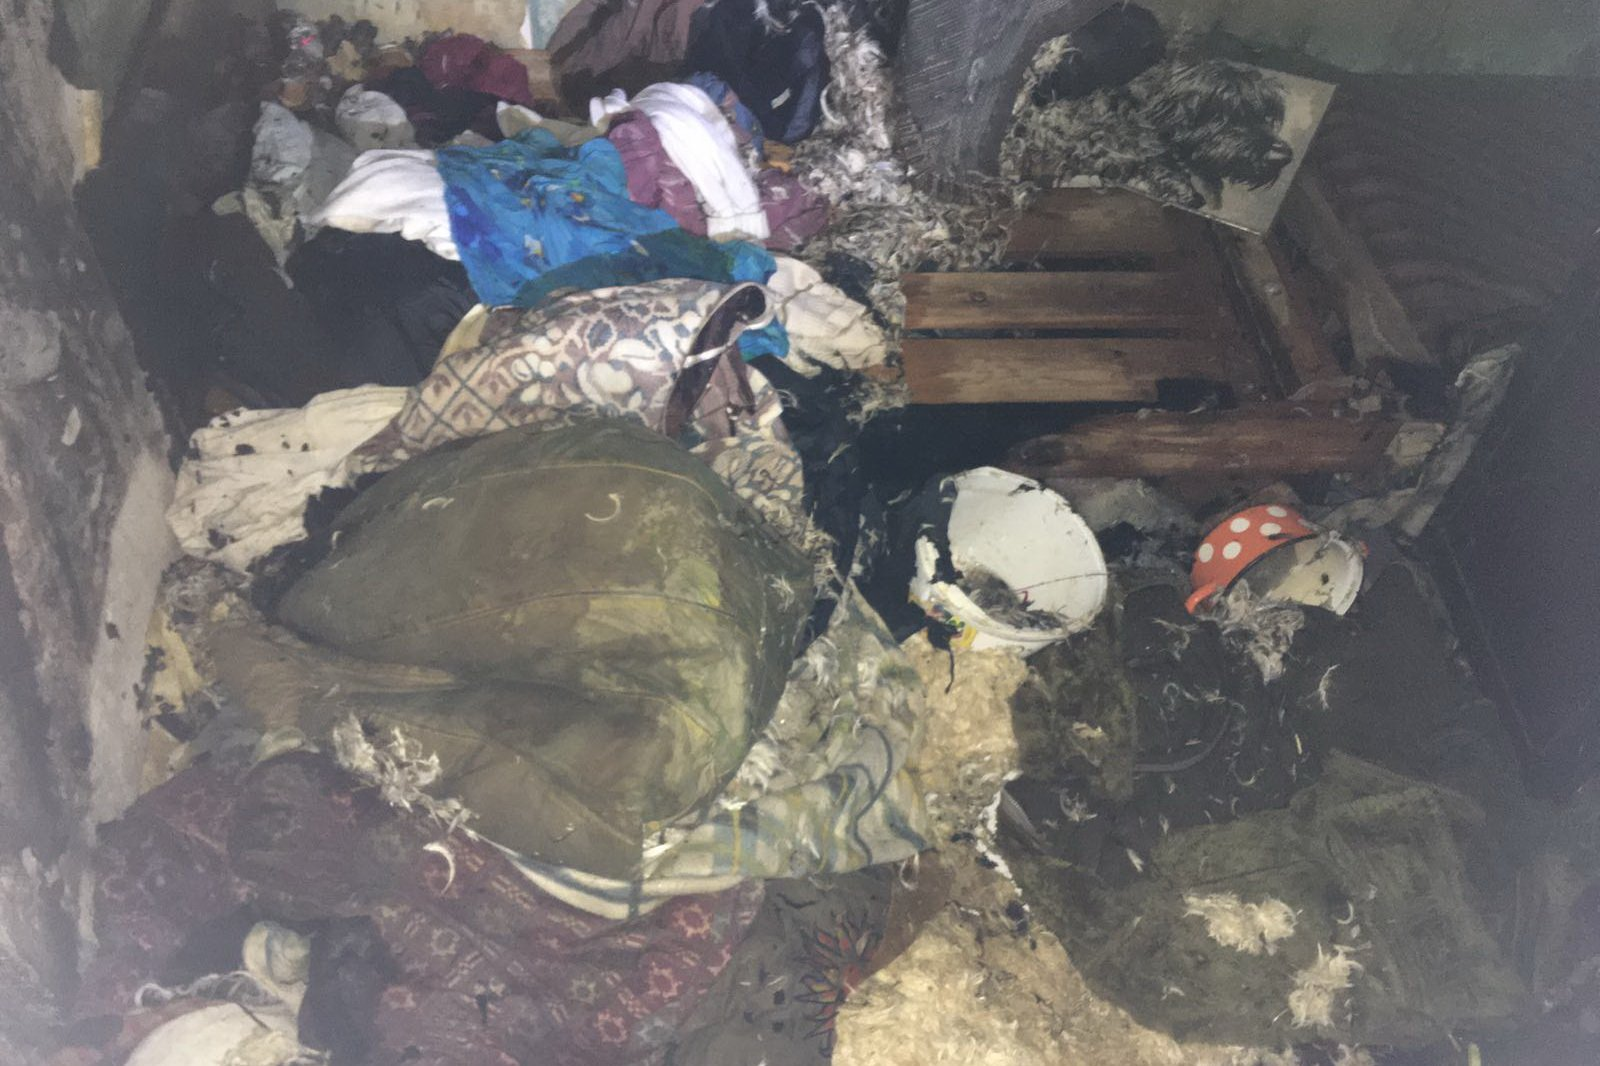 В Харькове на пожаре чуть не погибли двое детей (фото)